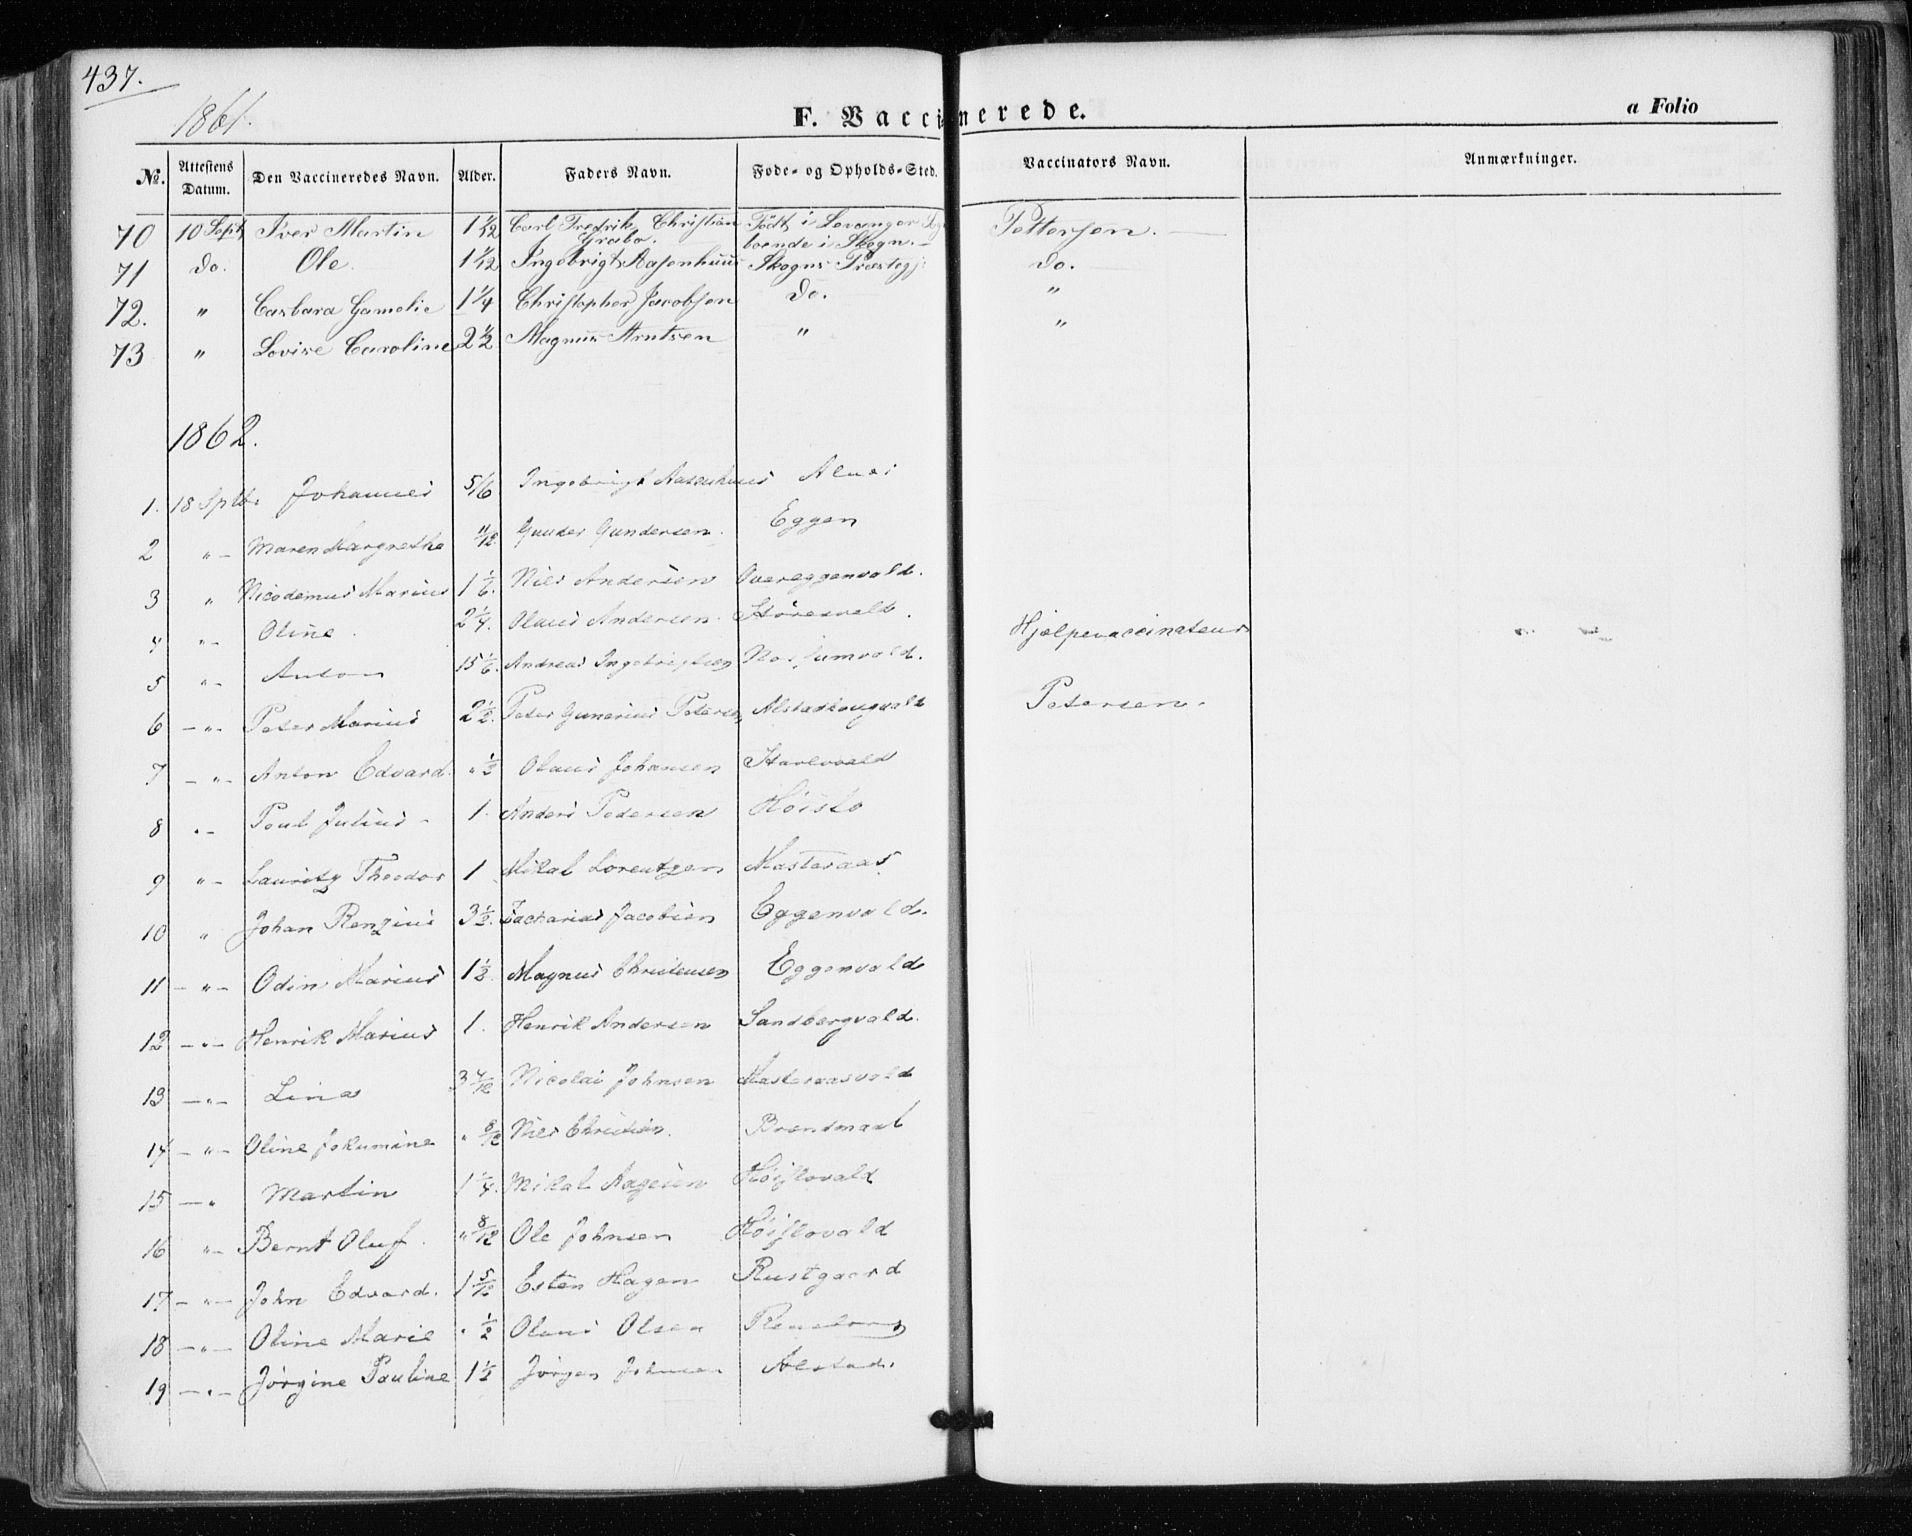 SAT, Ministerialprotokoller, klokkerbøker og fødselsregistre - Nord-Trøndelag, 717/L0154: Ministerialbok nr. 717A07 /1, 1850-1862, s. 437